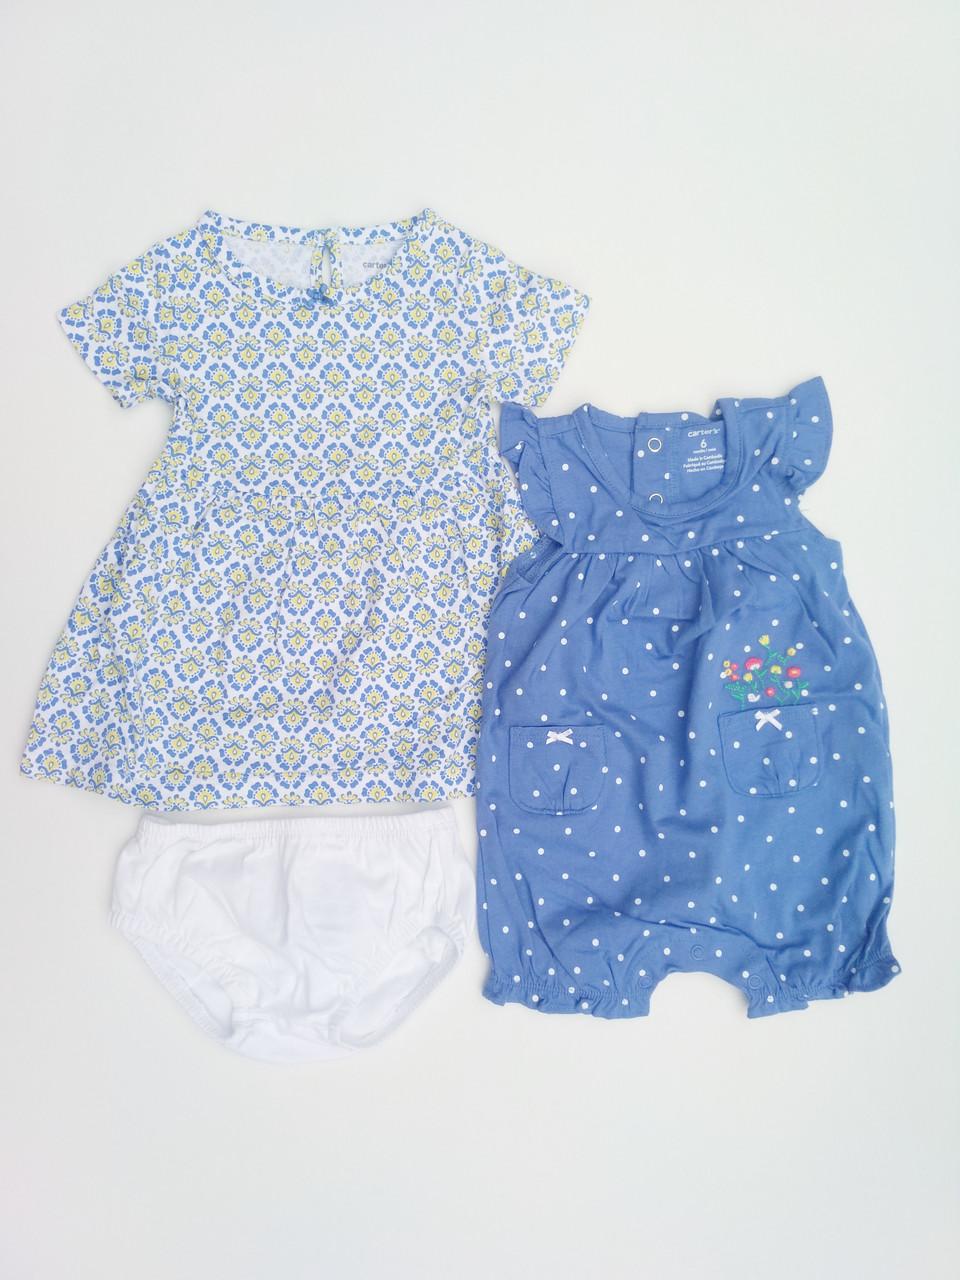 780ad6debe3 Летний комплект платье и песочник Carters для девочки - Happy.shop.ua в  Днепре